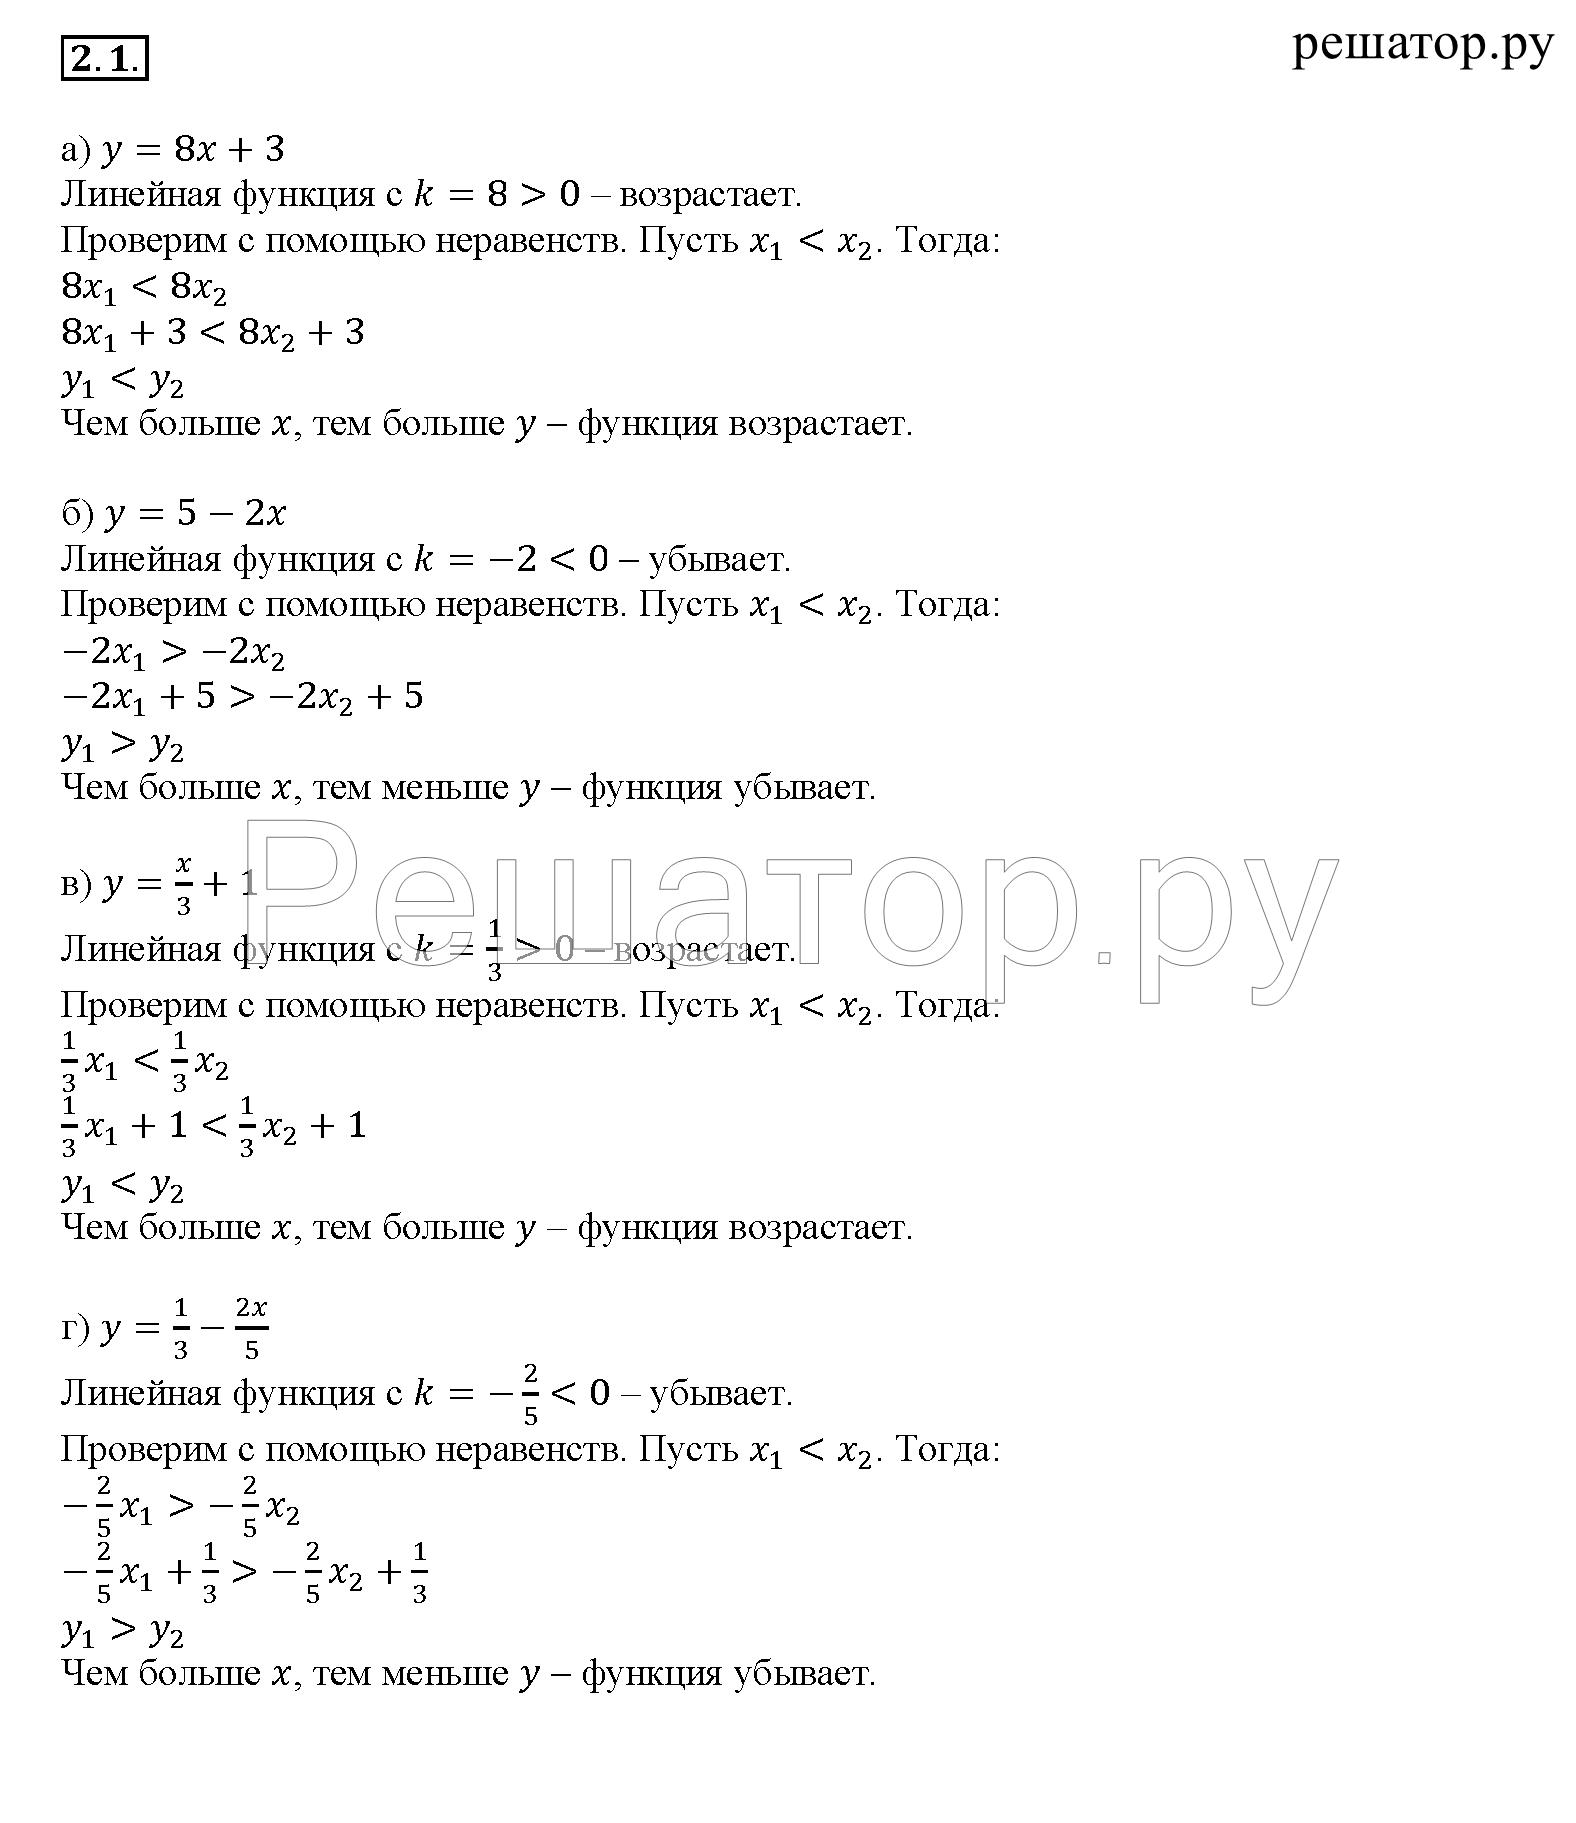 маркович гдз алгебра 8 класс 2 часть